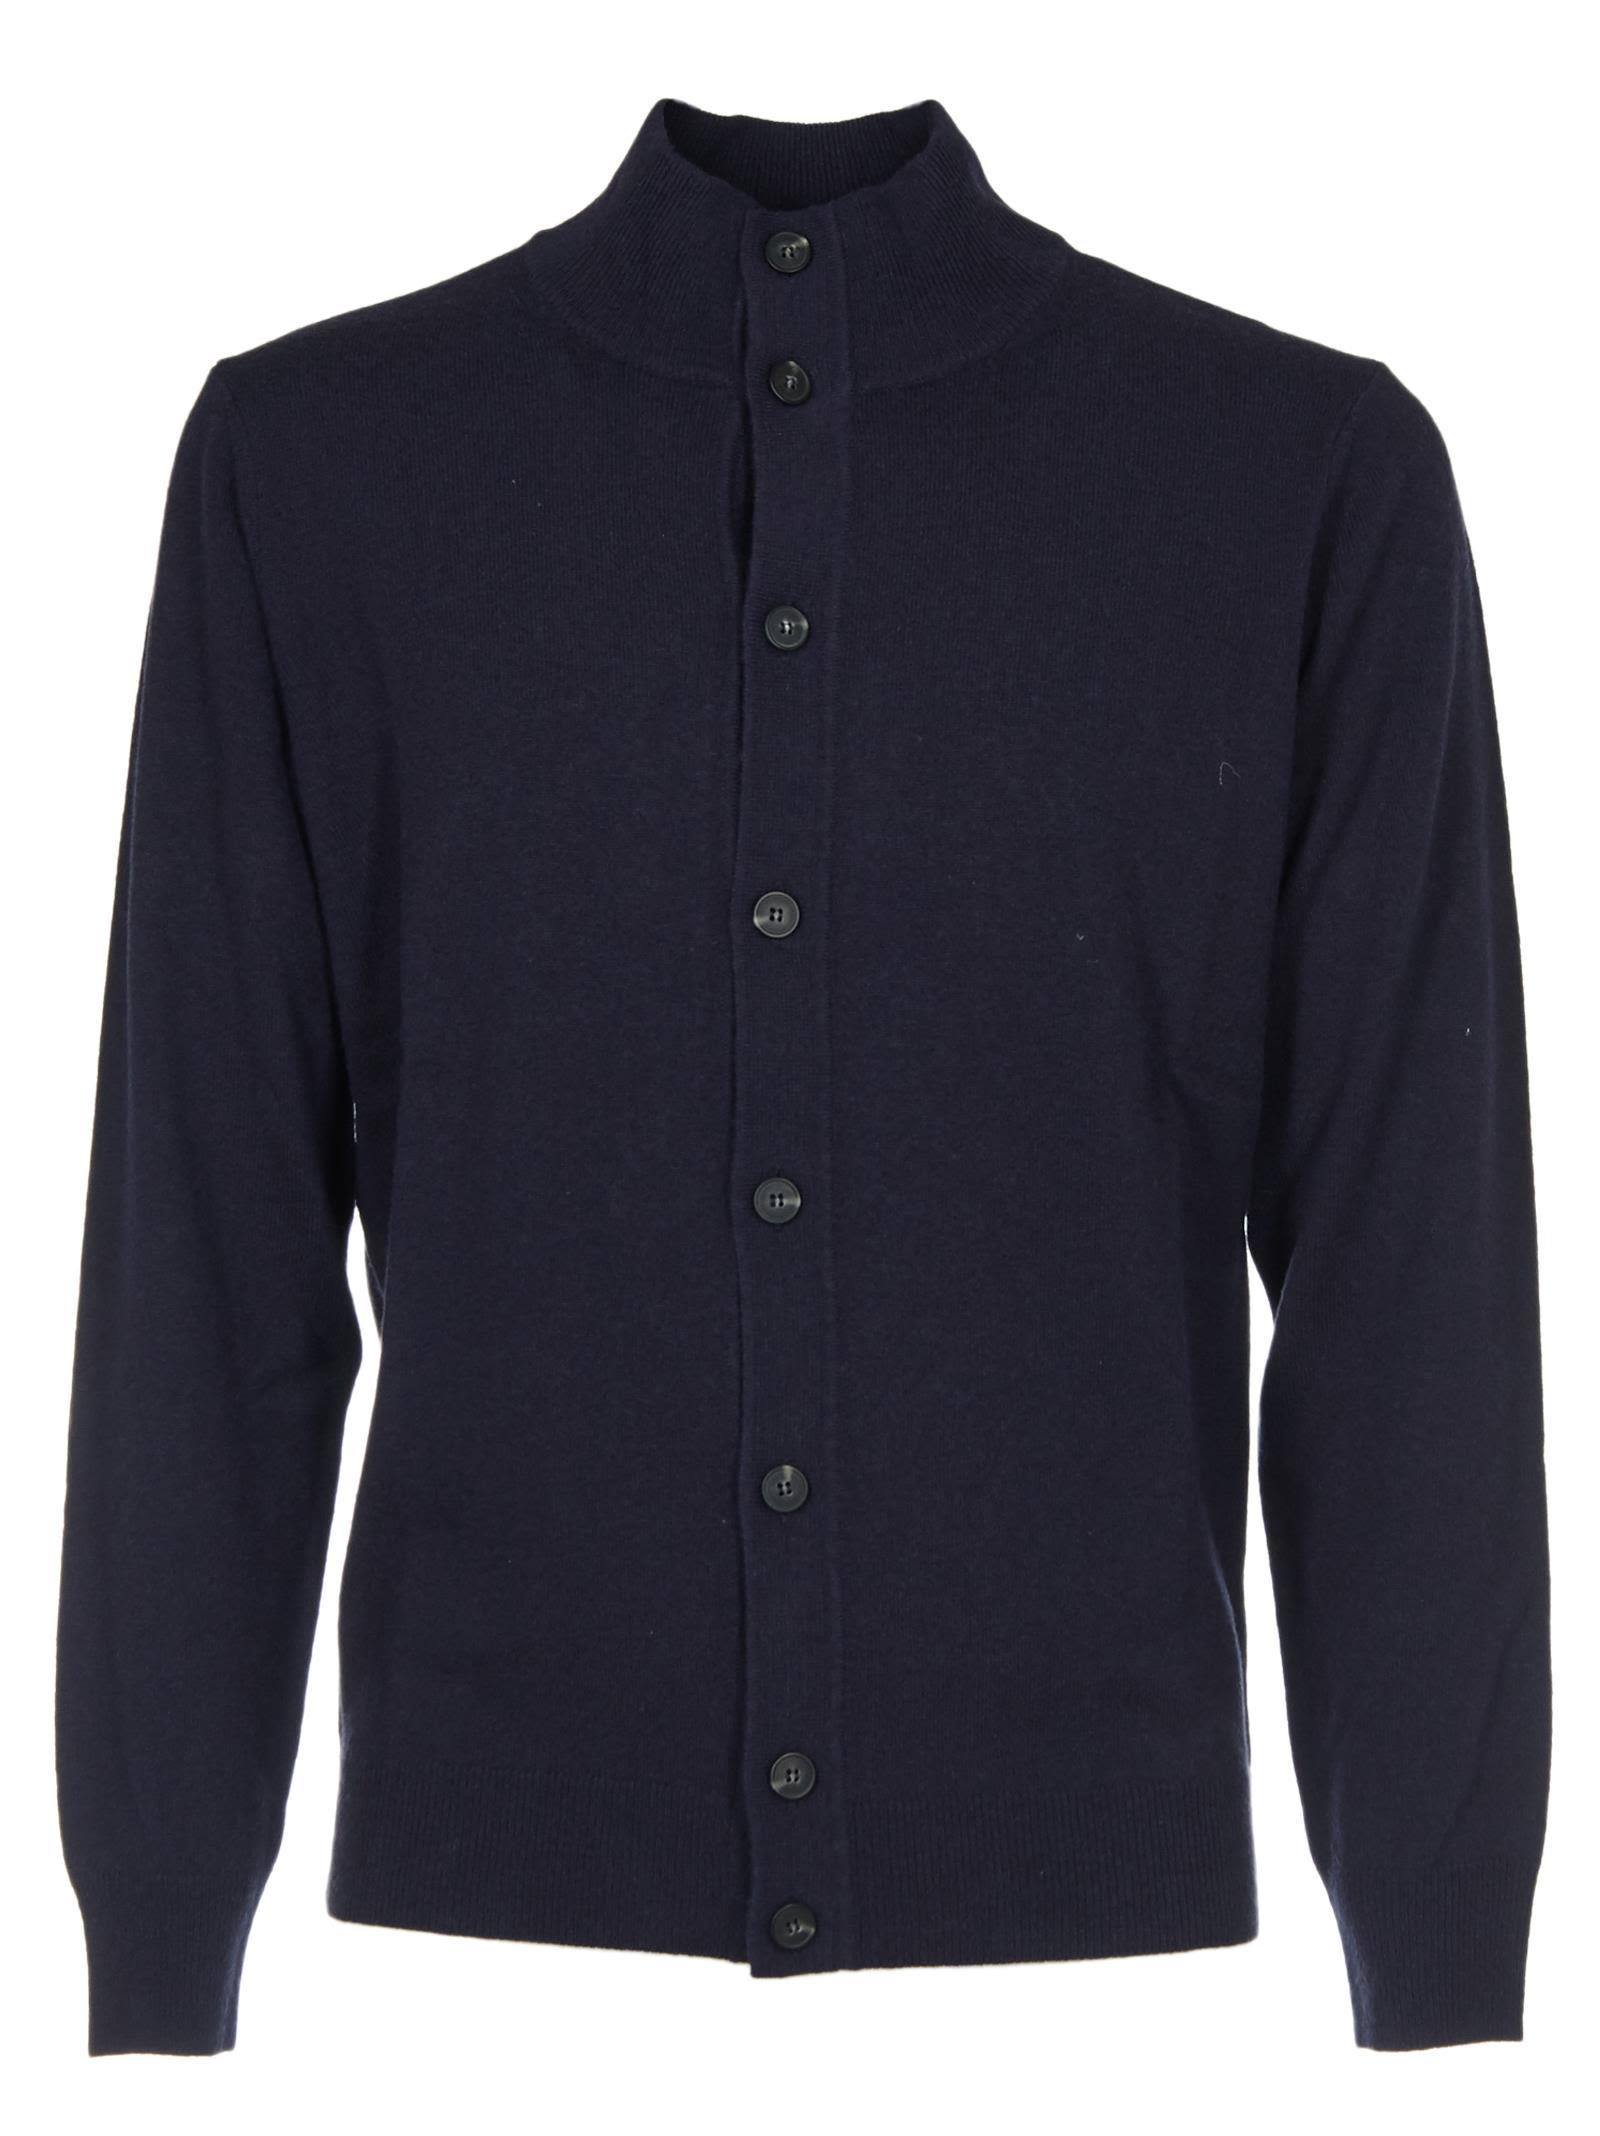 KANGRA Button-Up Cardigan in Blue